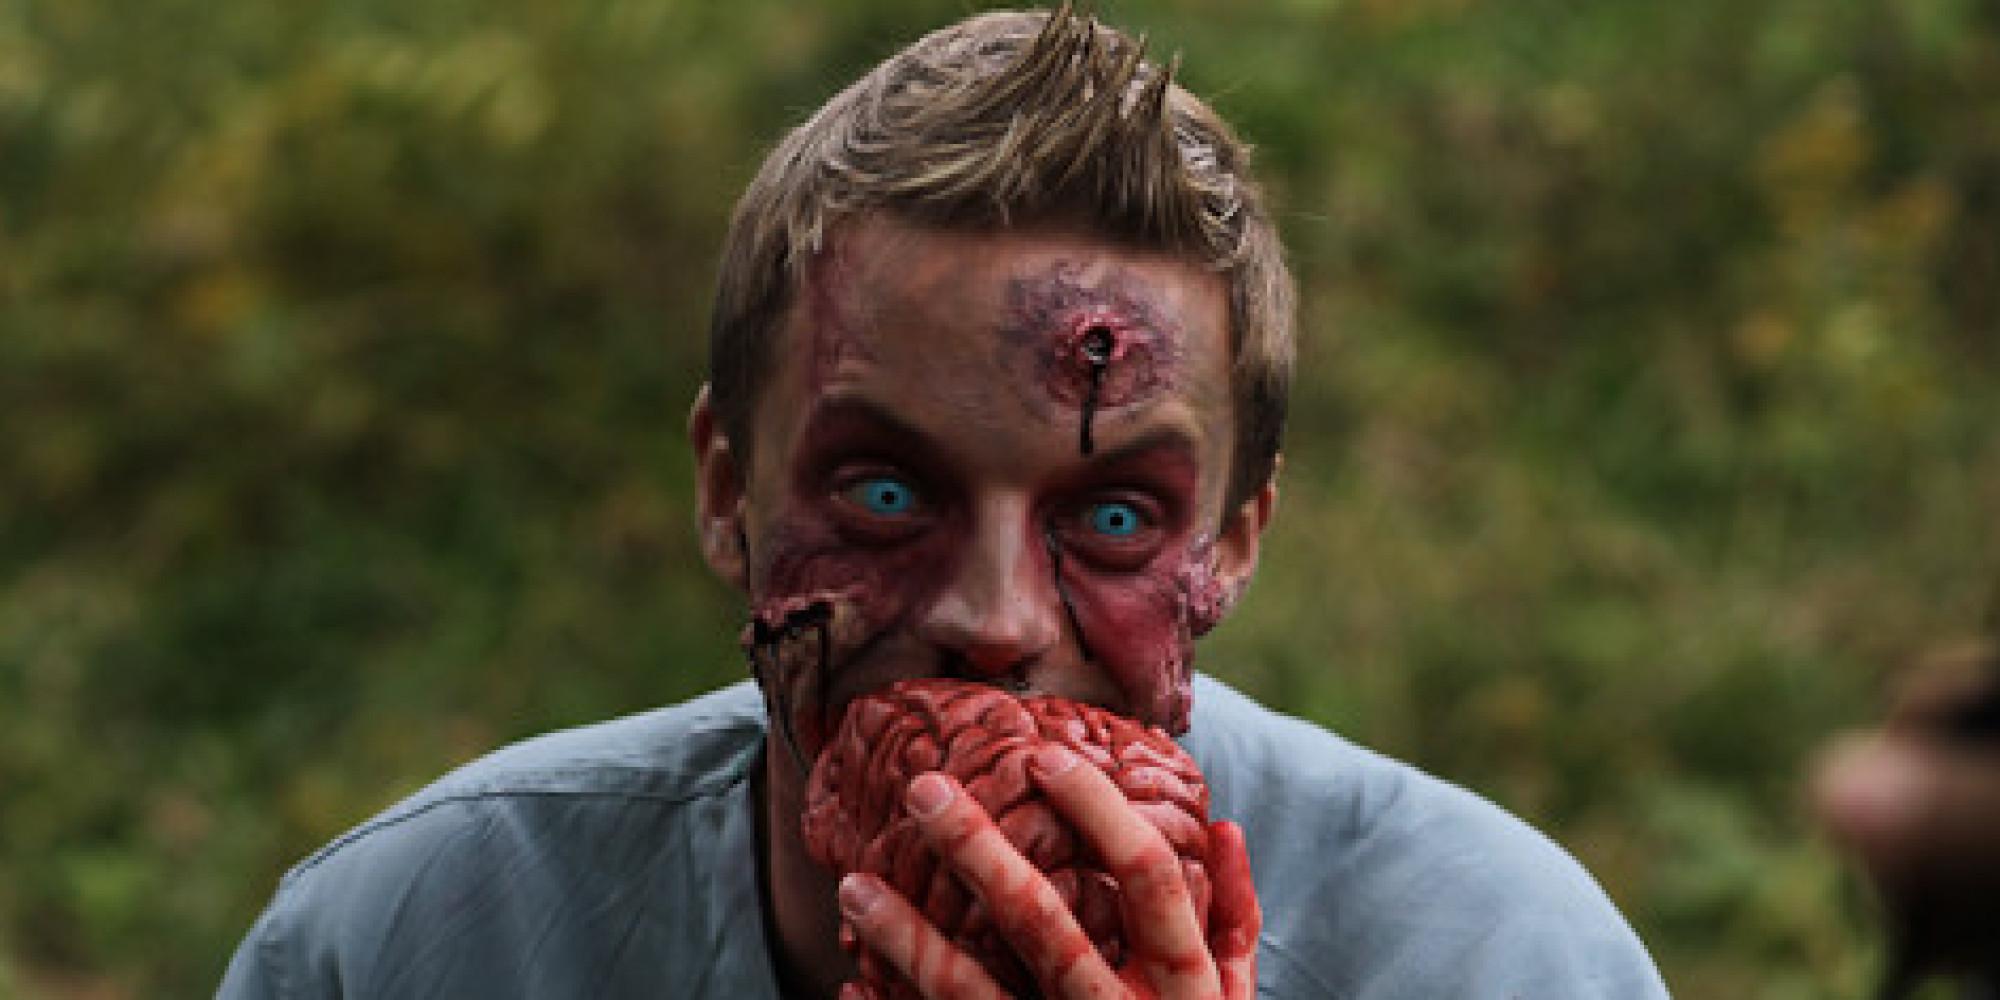 Les films d'horreur vous rendent plus intelligents ! Une étude suédoise le prouve.